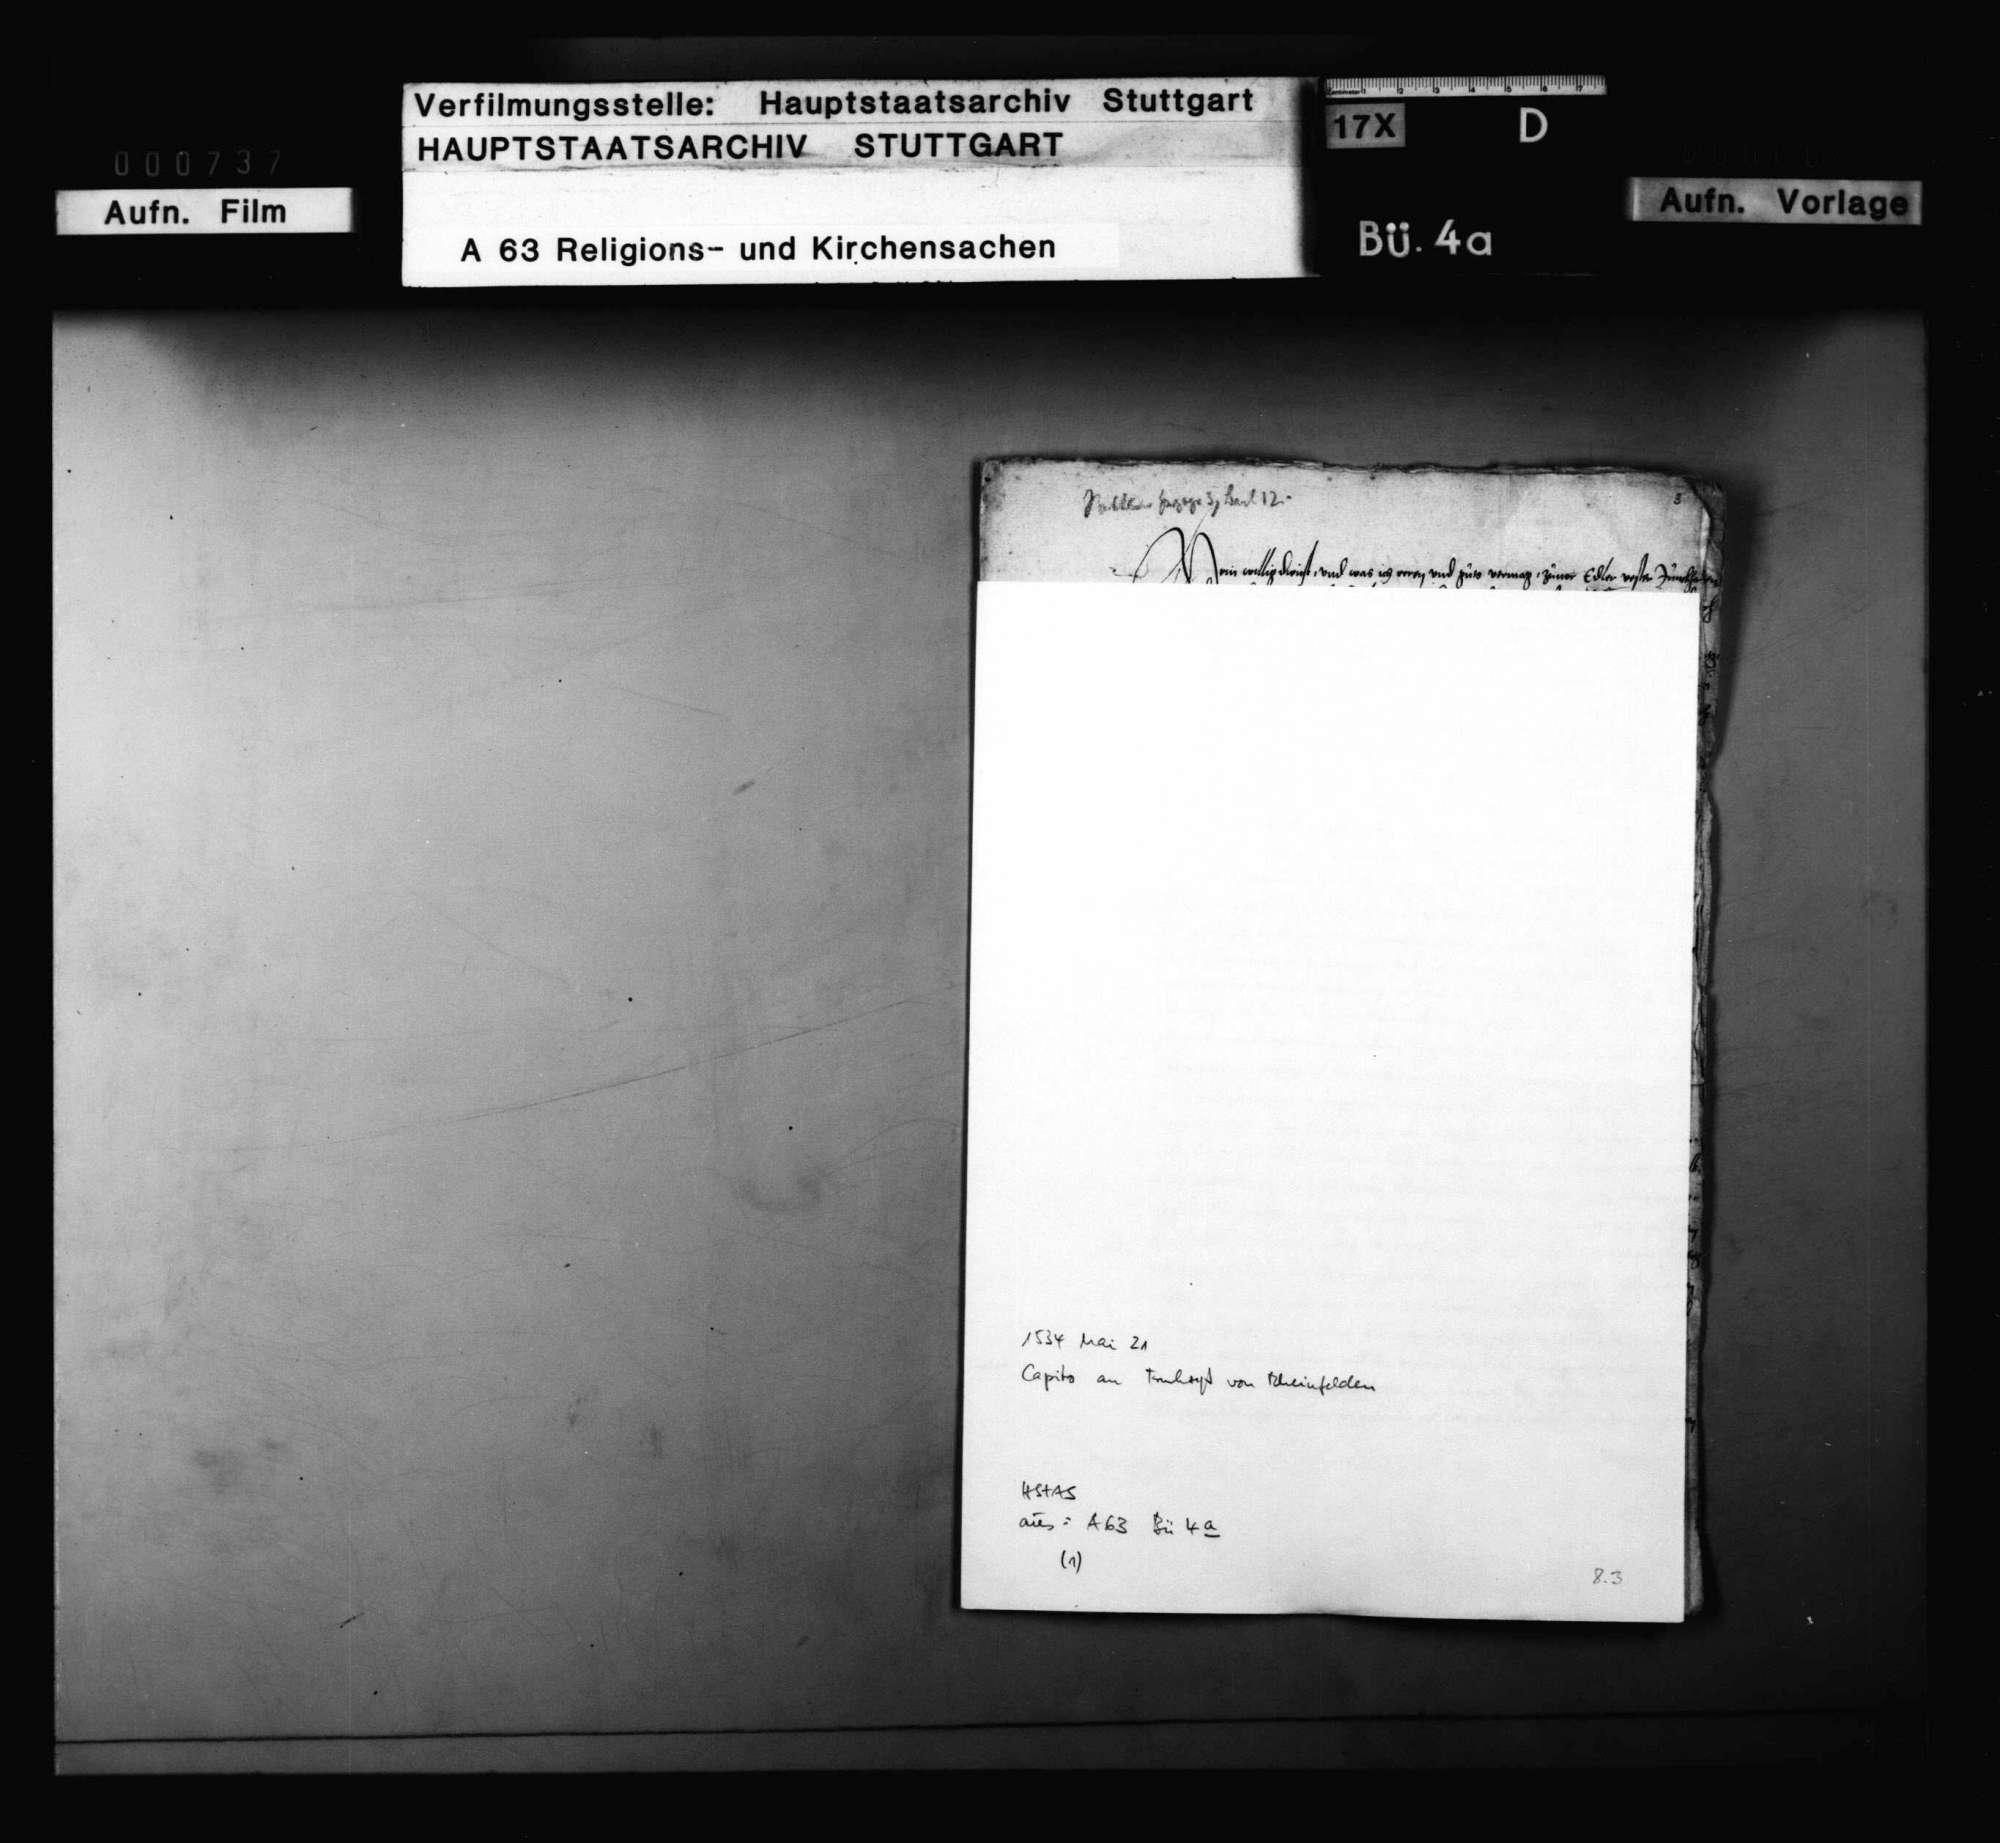 Brief Capitos mit Empfehlung zugunsten des Gregorius und Blarers sowie mit Bedenken gegen Schwenkfeld, Bild 1